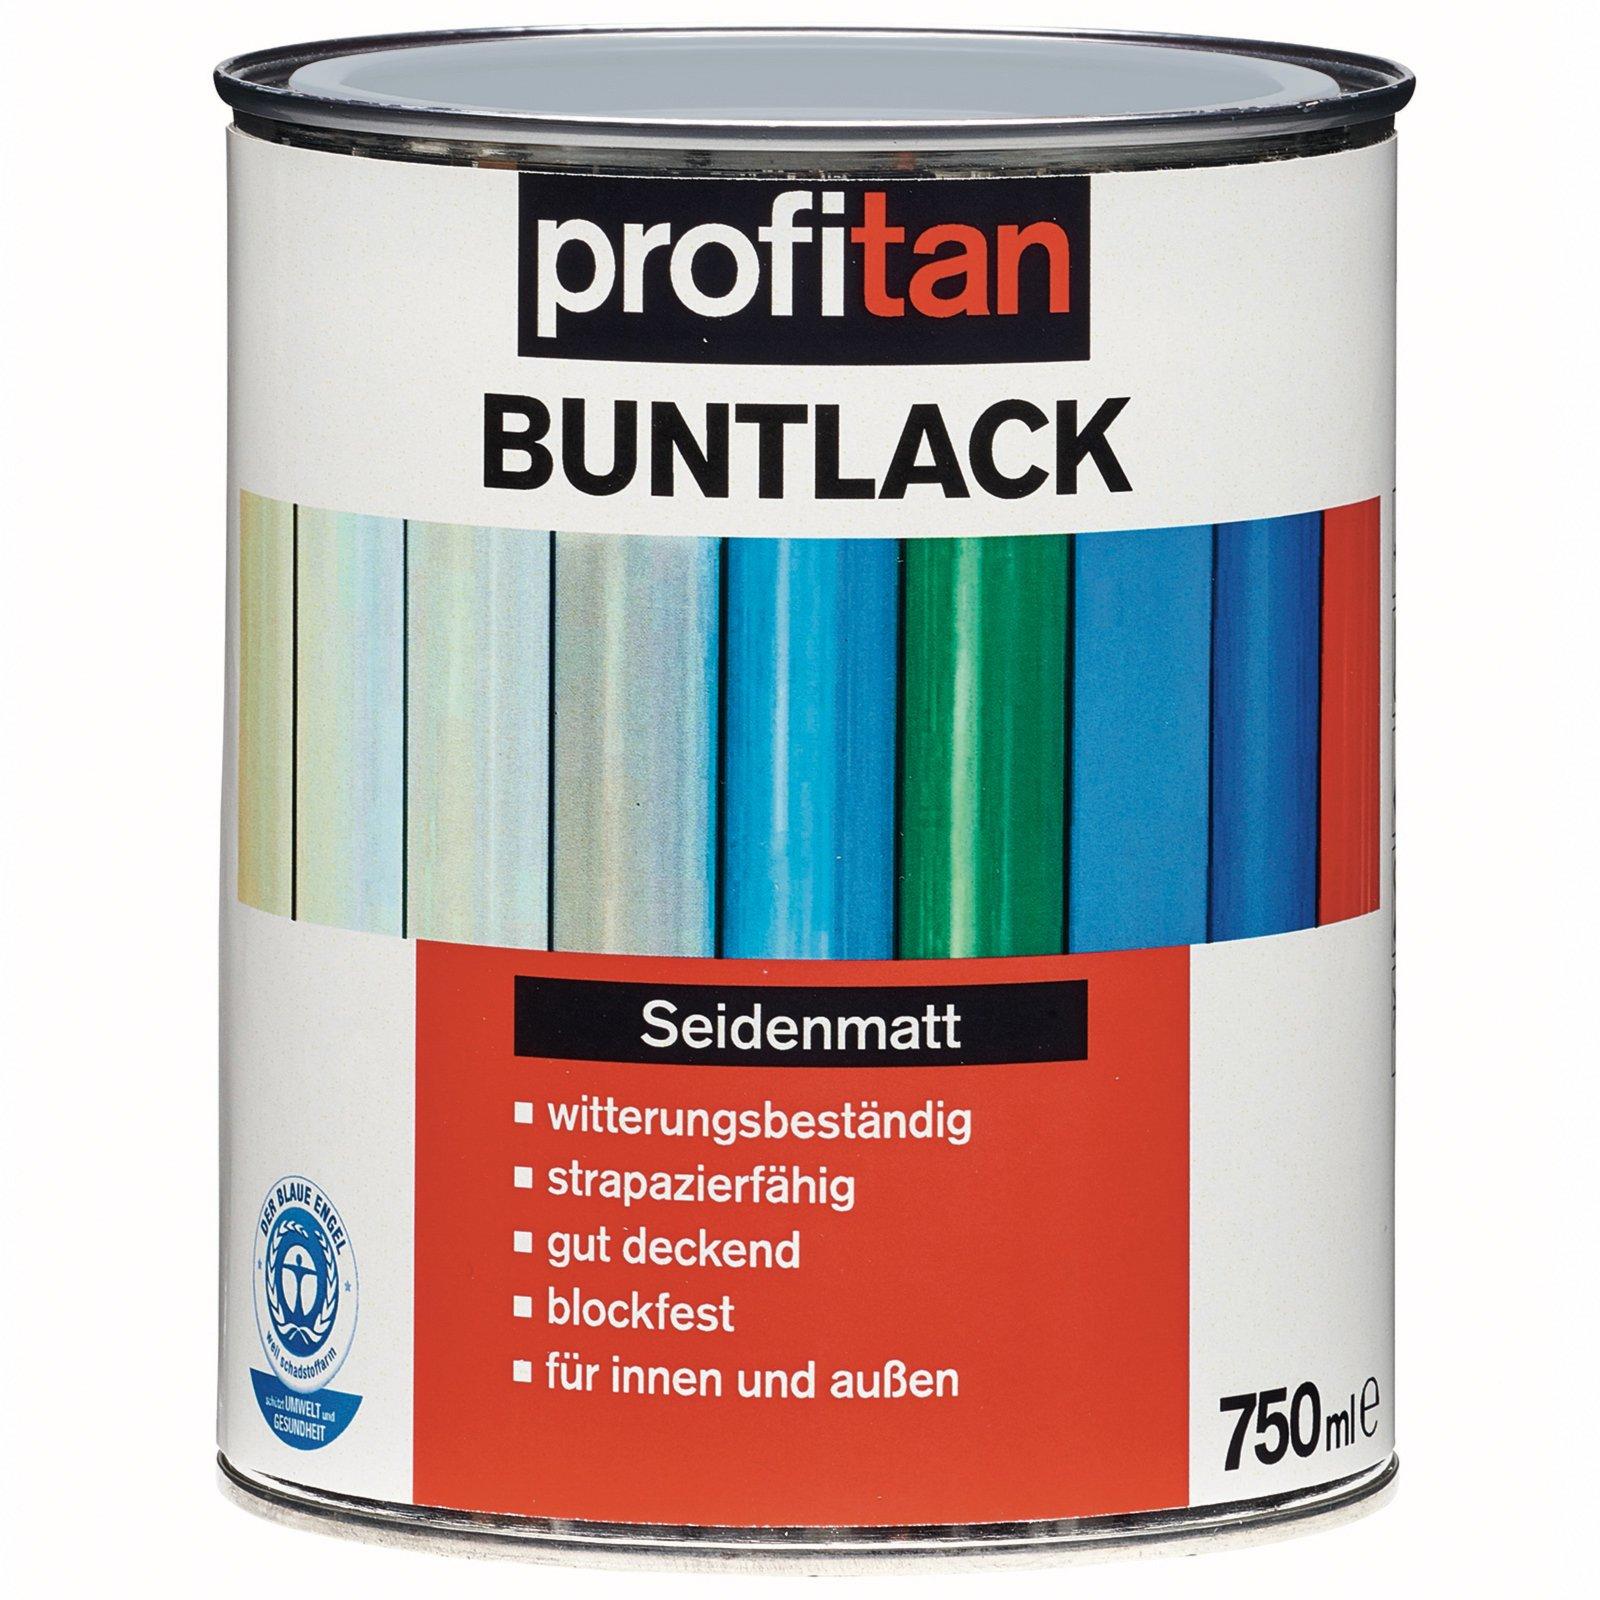 profitan Buntlack - lichtgrau seidenmatt - 750 ml